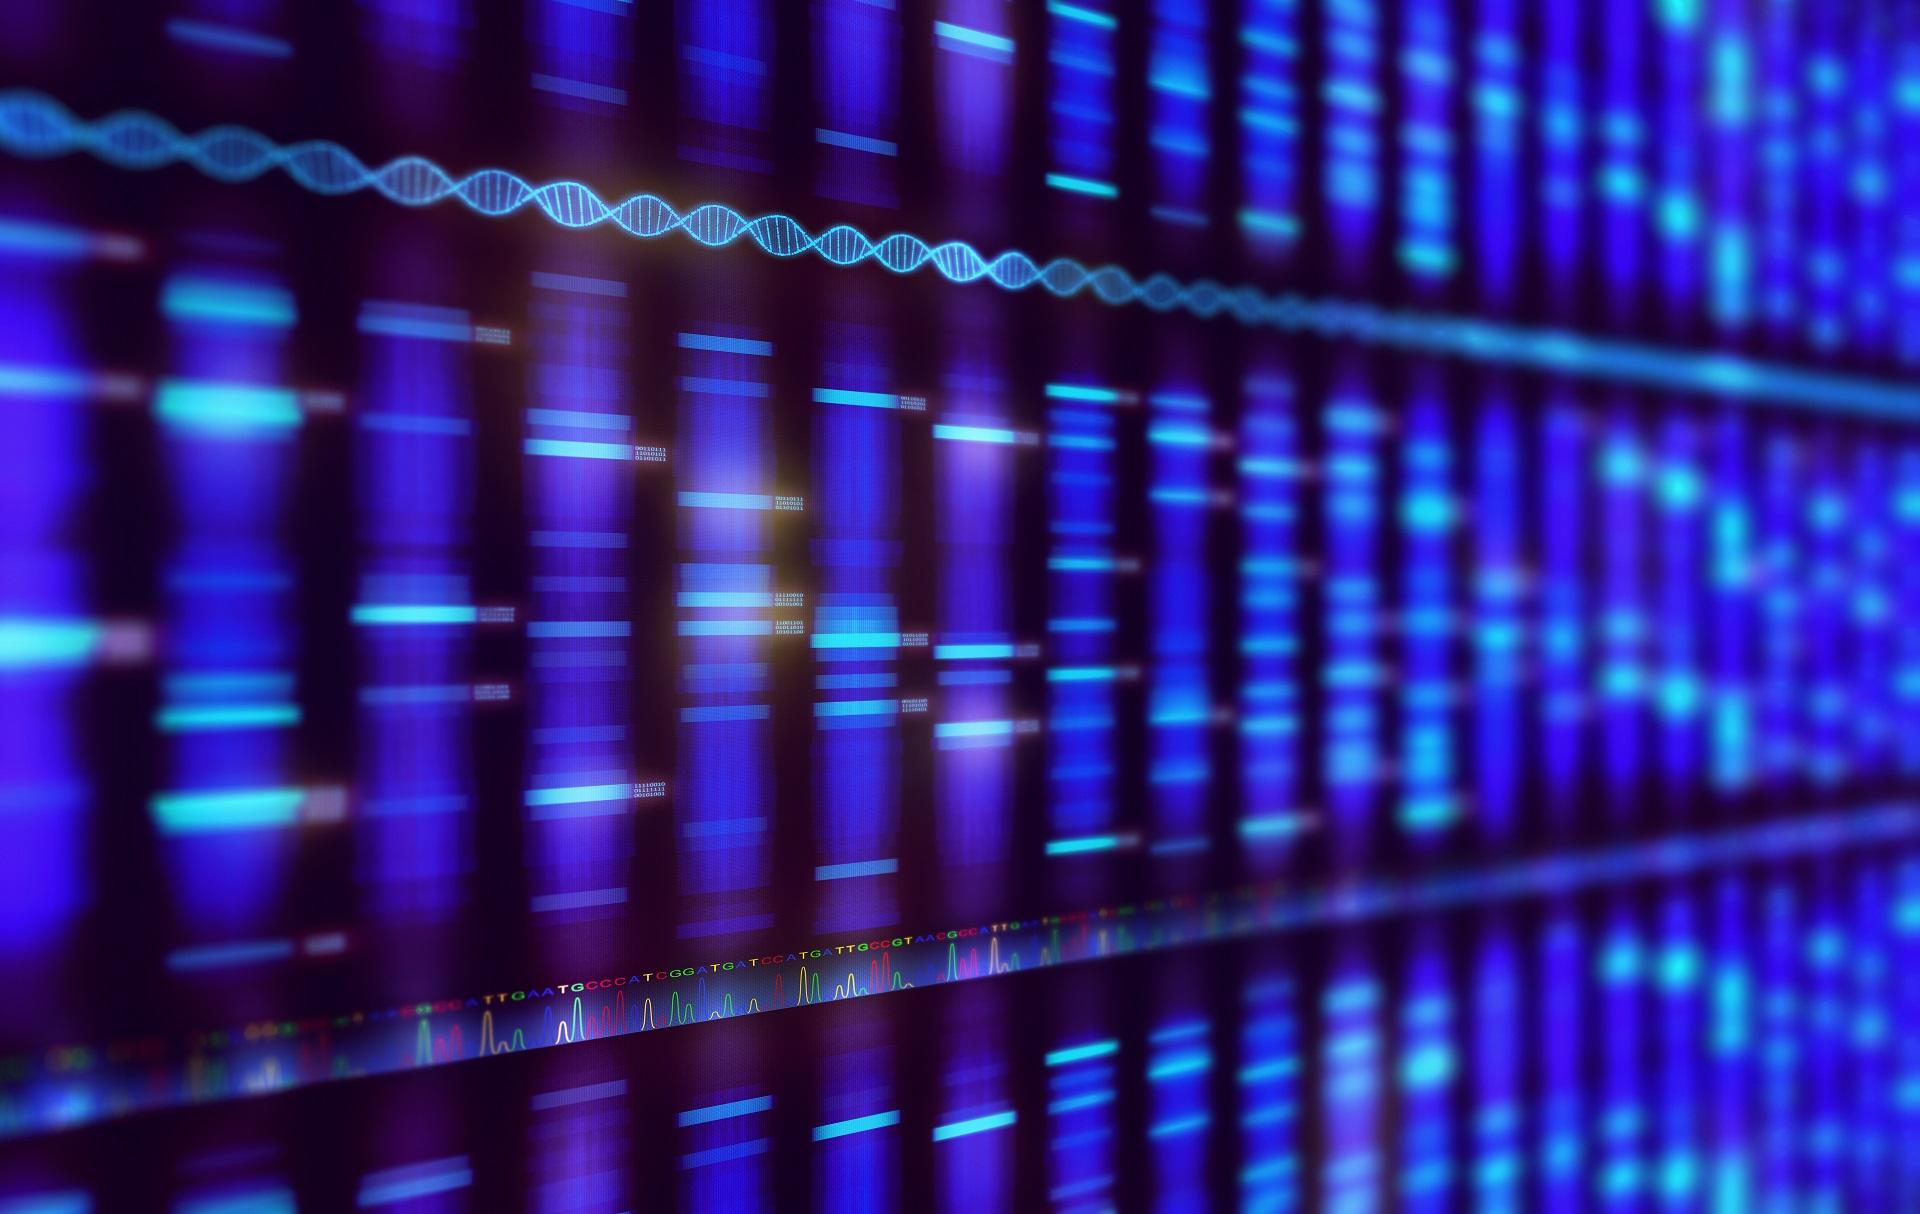 Sequenciamento completo do exoma: mapeamento genético do indivíduo inteiro